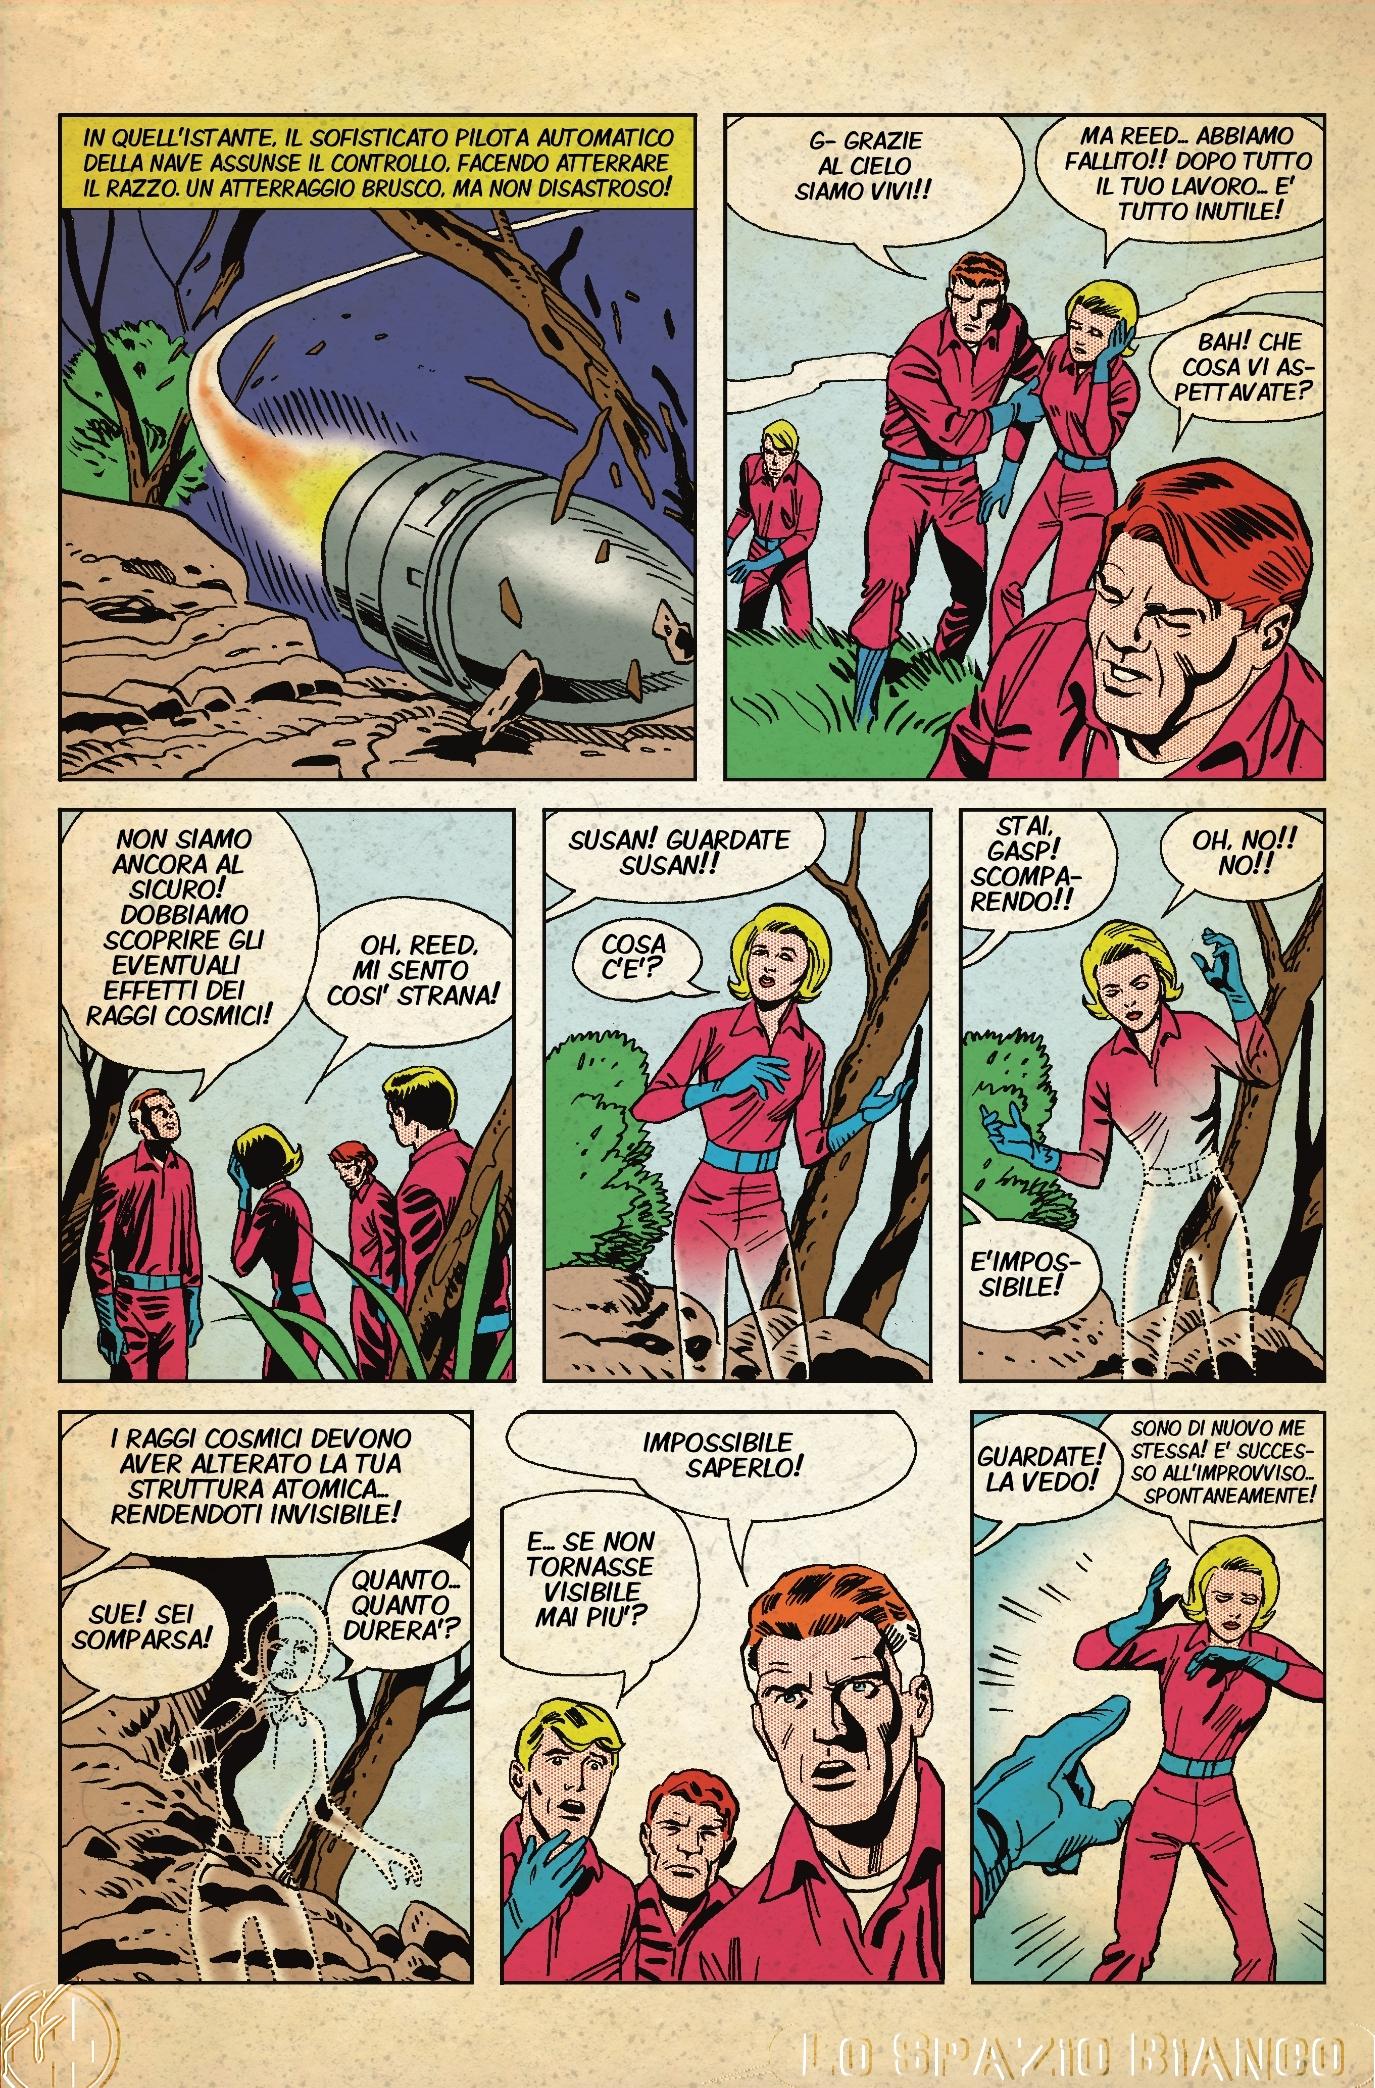 pagina 11 sovraimpressione